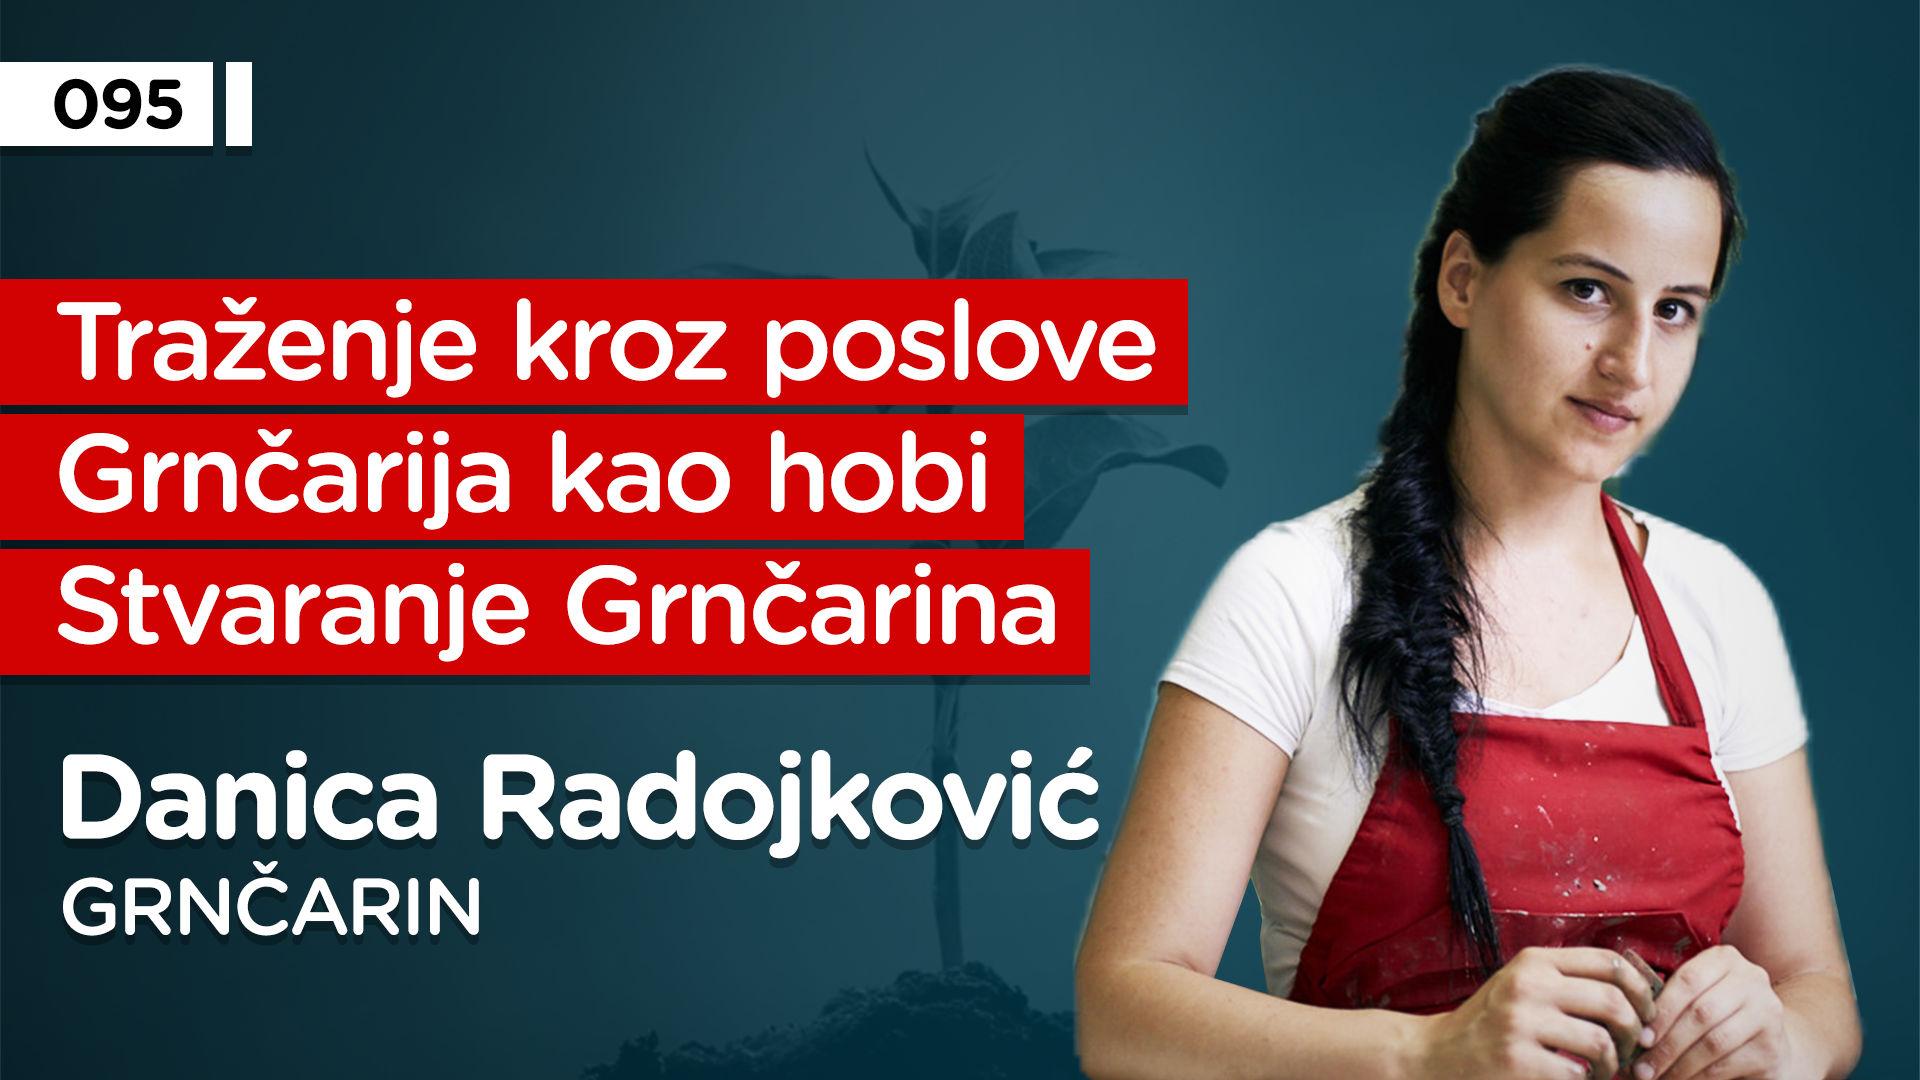 EP095: Danica Radojković